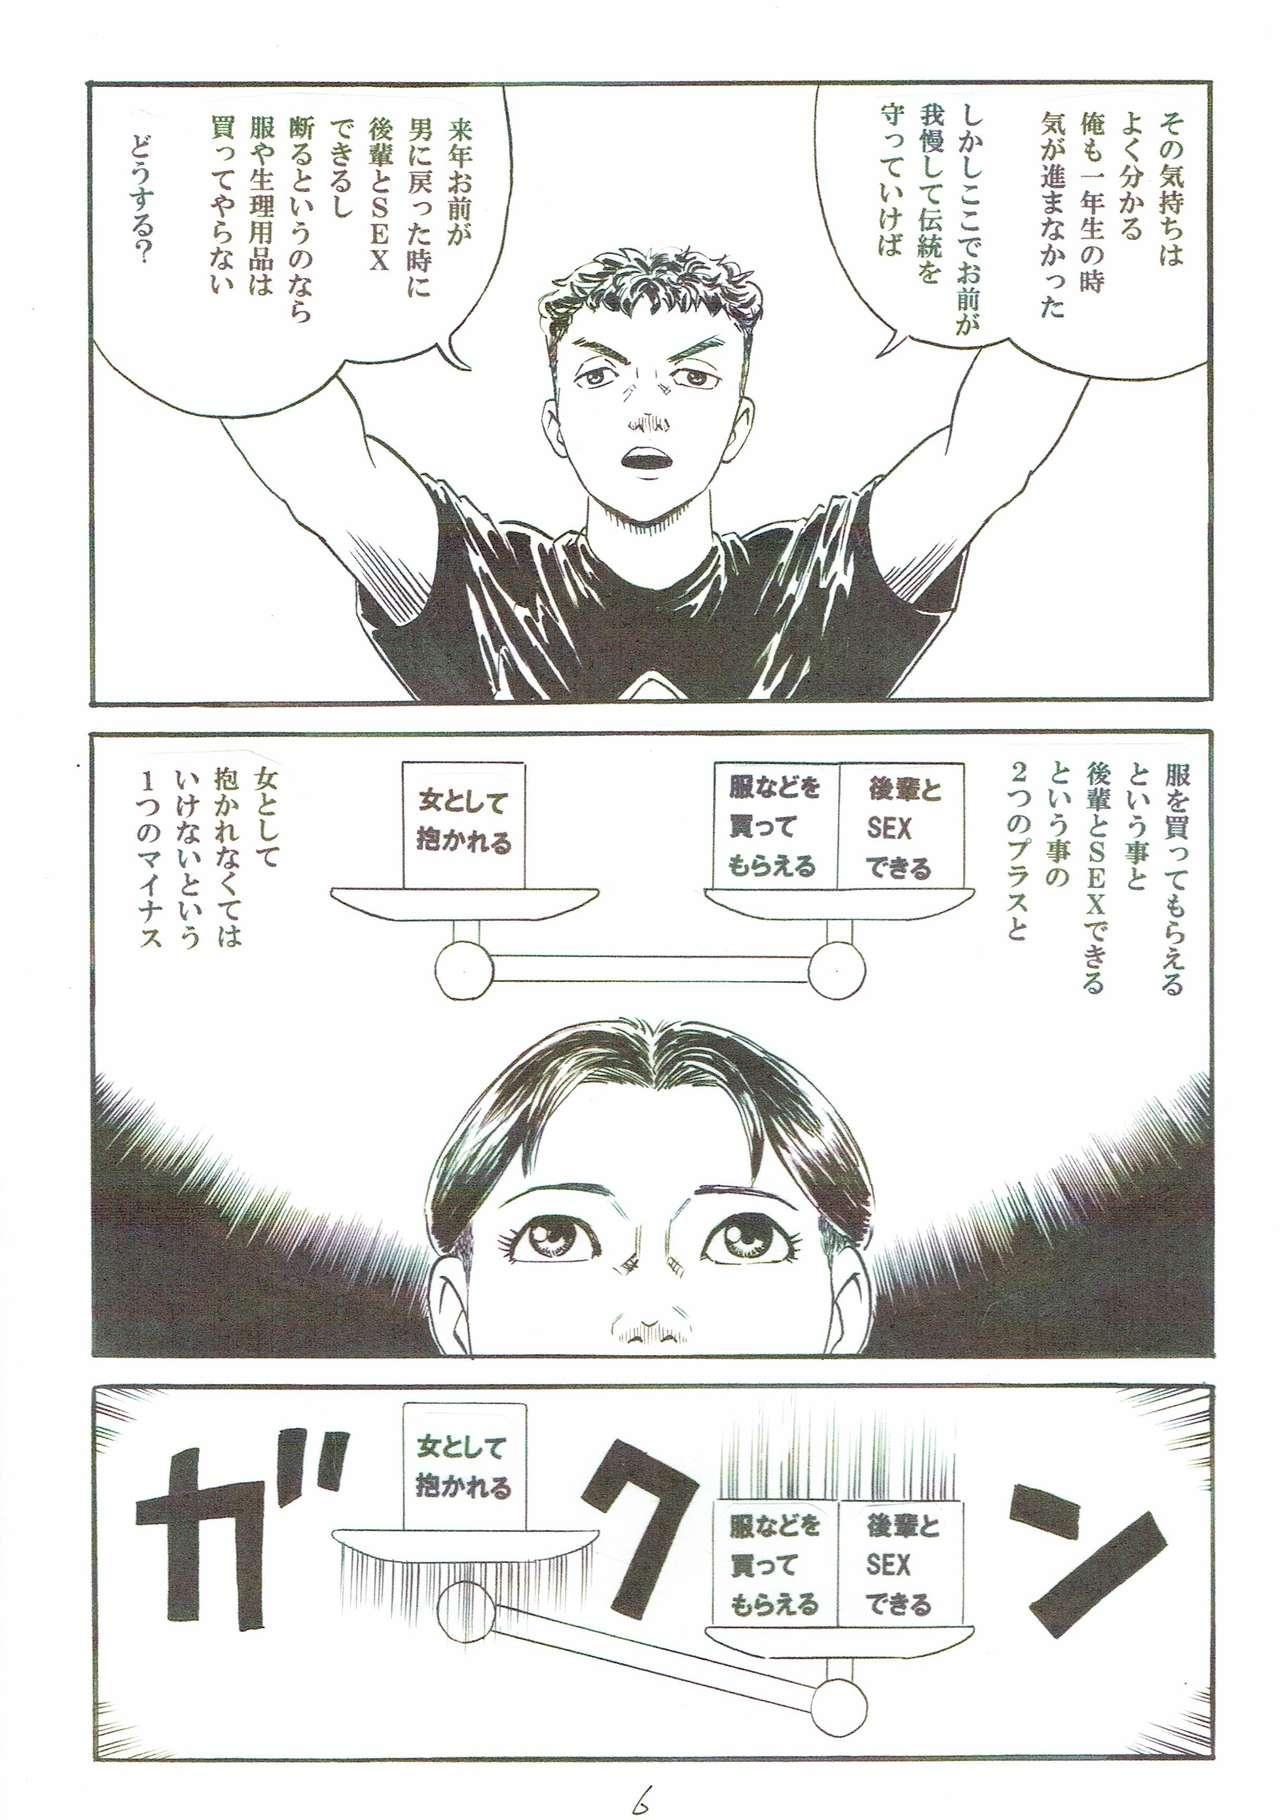 Atarashii Seikyouiku5 6